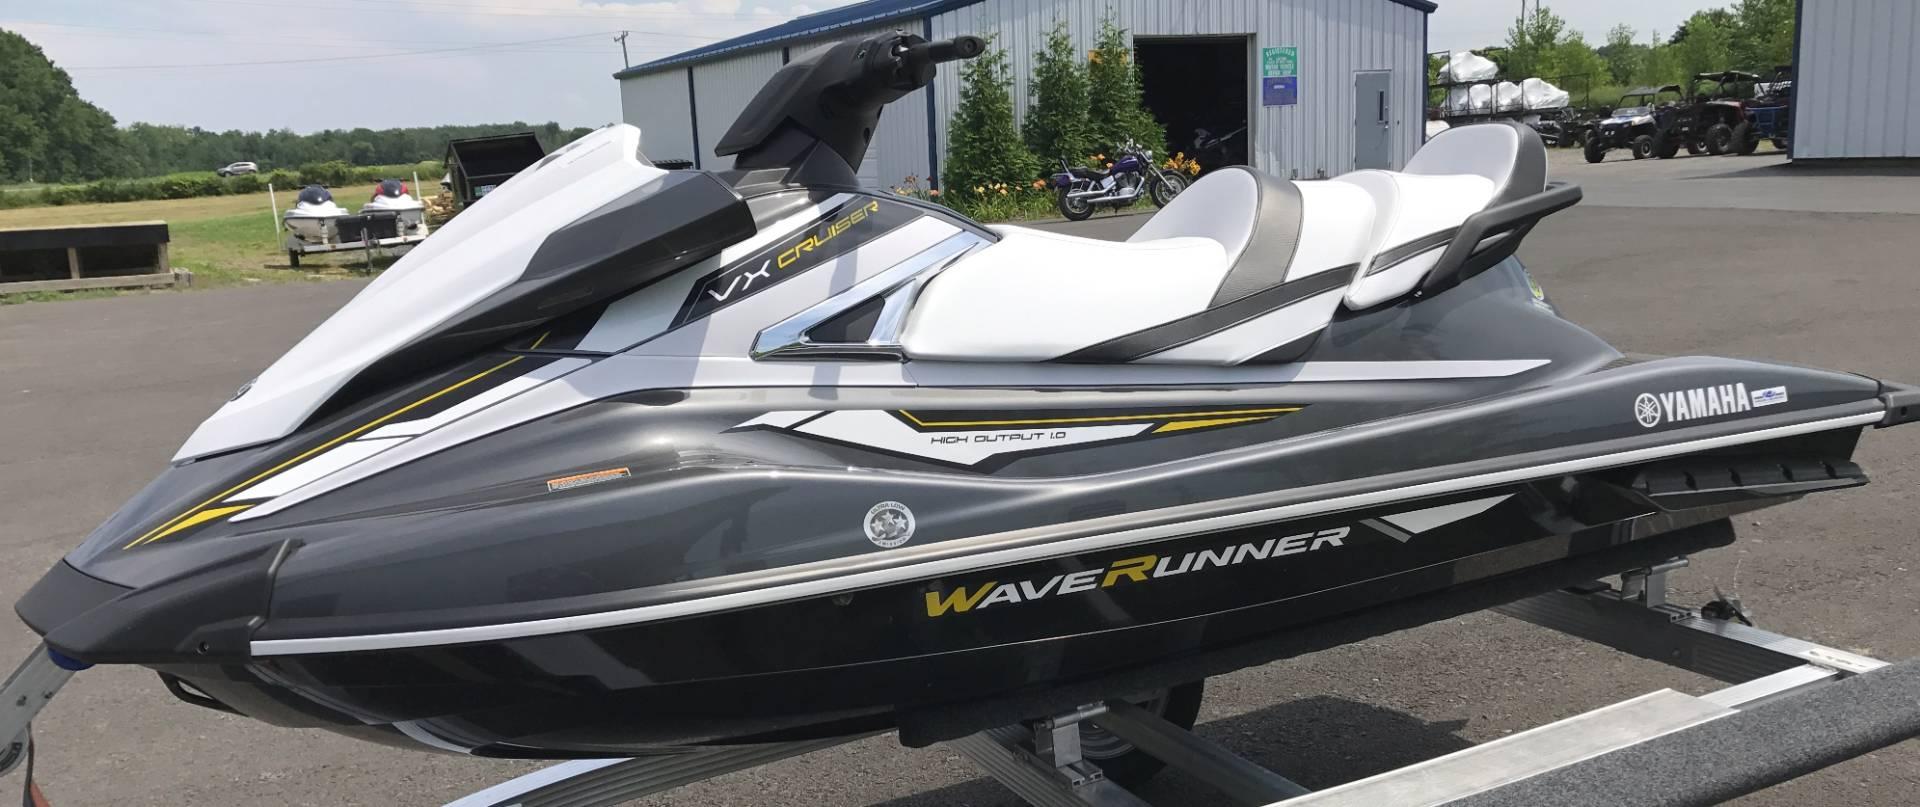 2017 Yamaha VX Cruiser 2